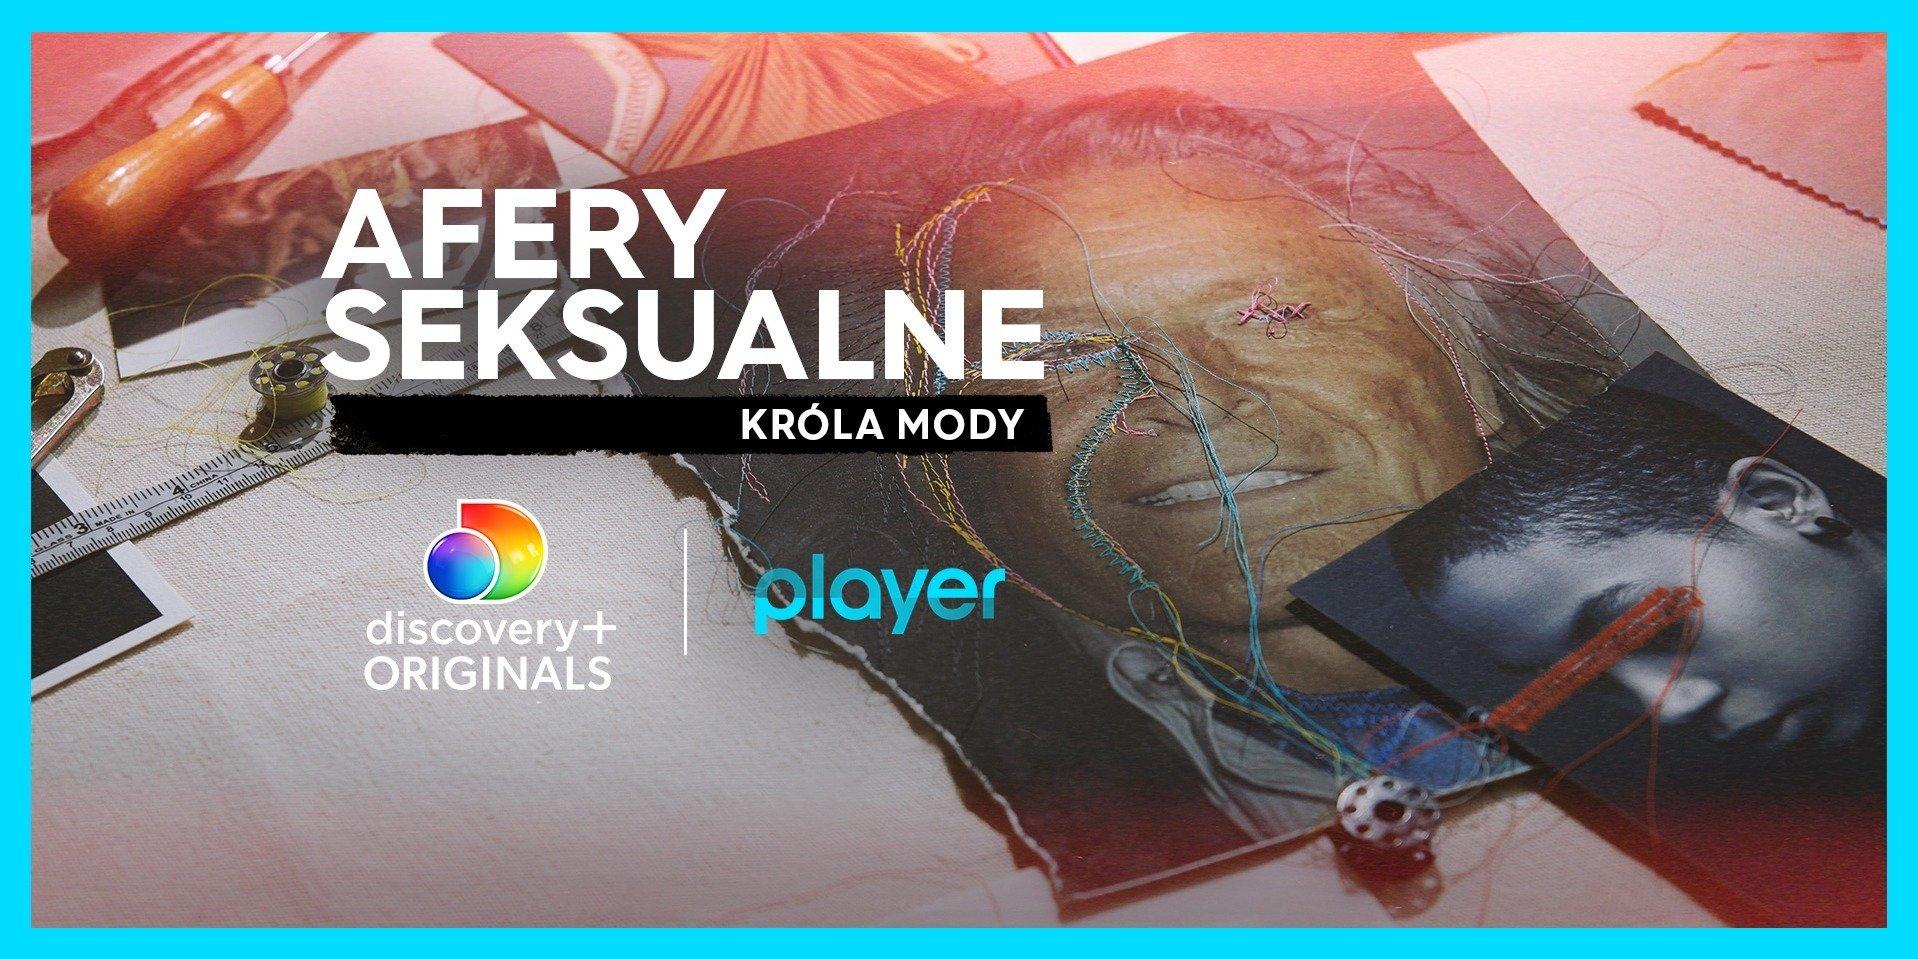 """""""Afery seksualne króla mody"""": nowa wstrząsająca seria dokumentalna discovery+ Originals tylko w Playerze!"""